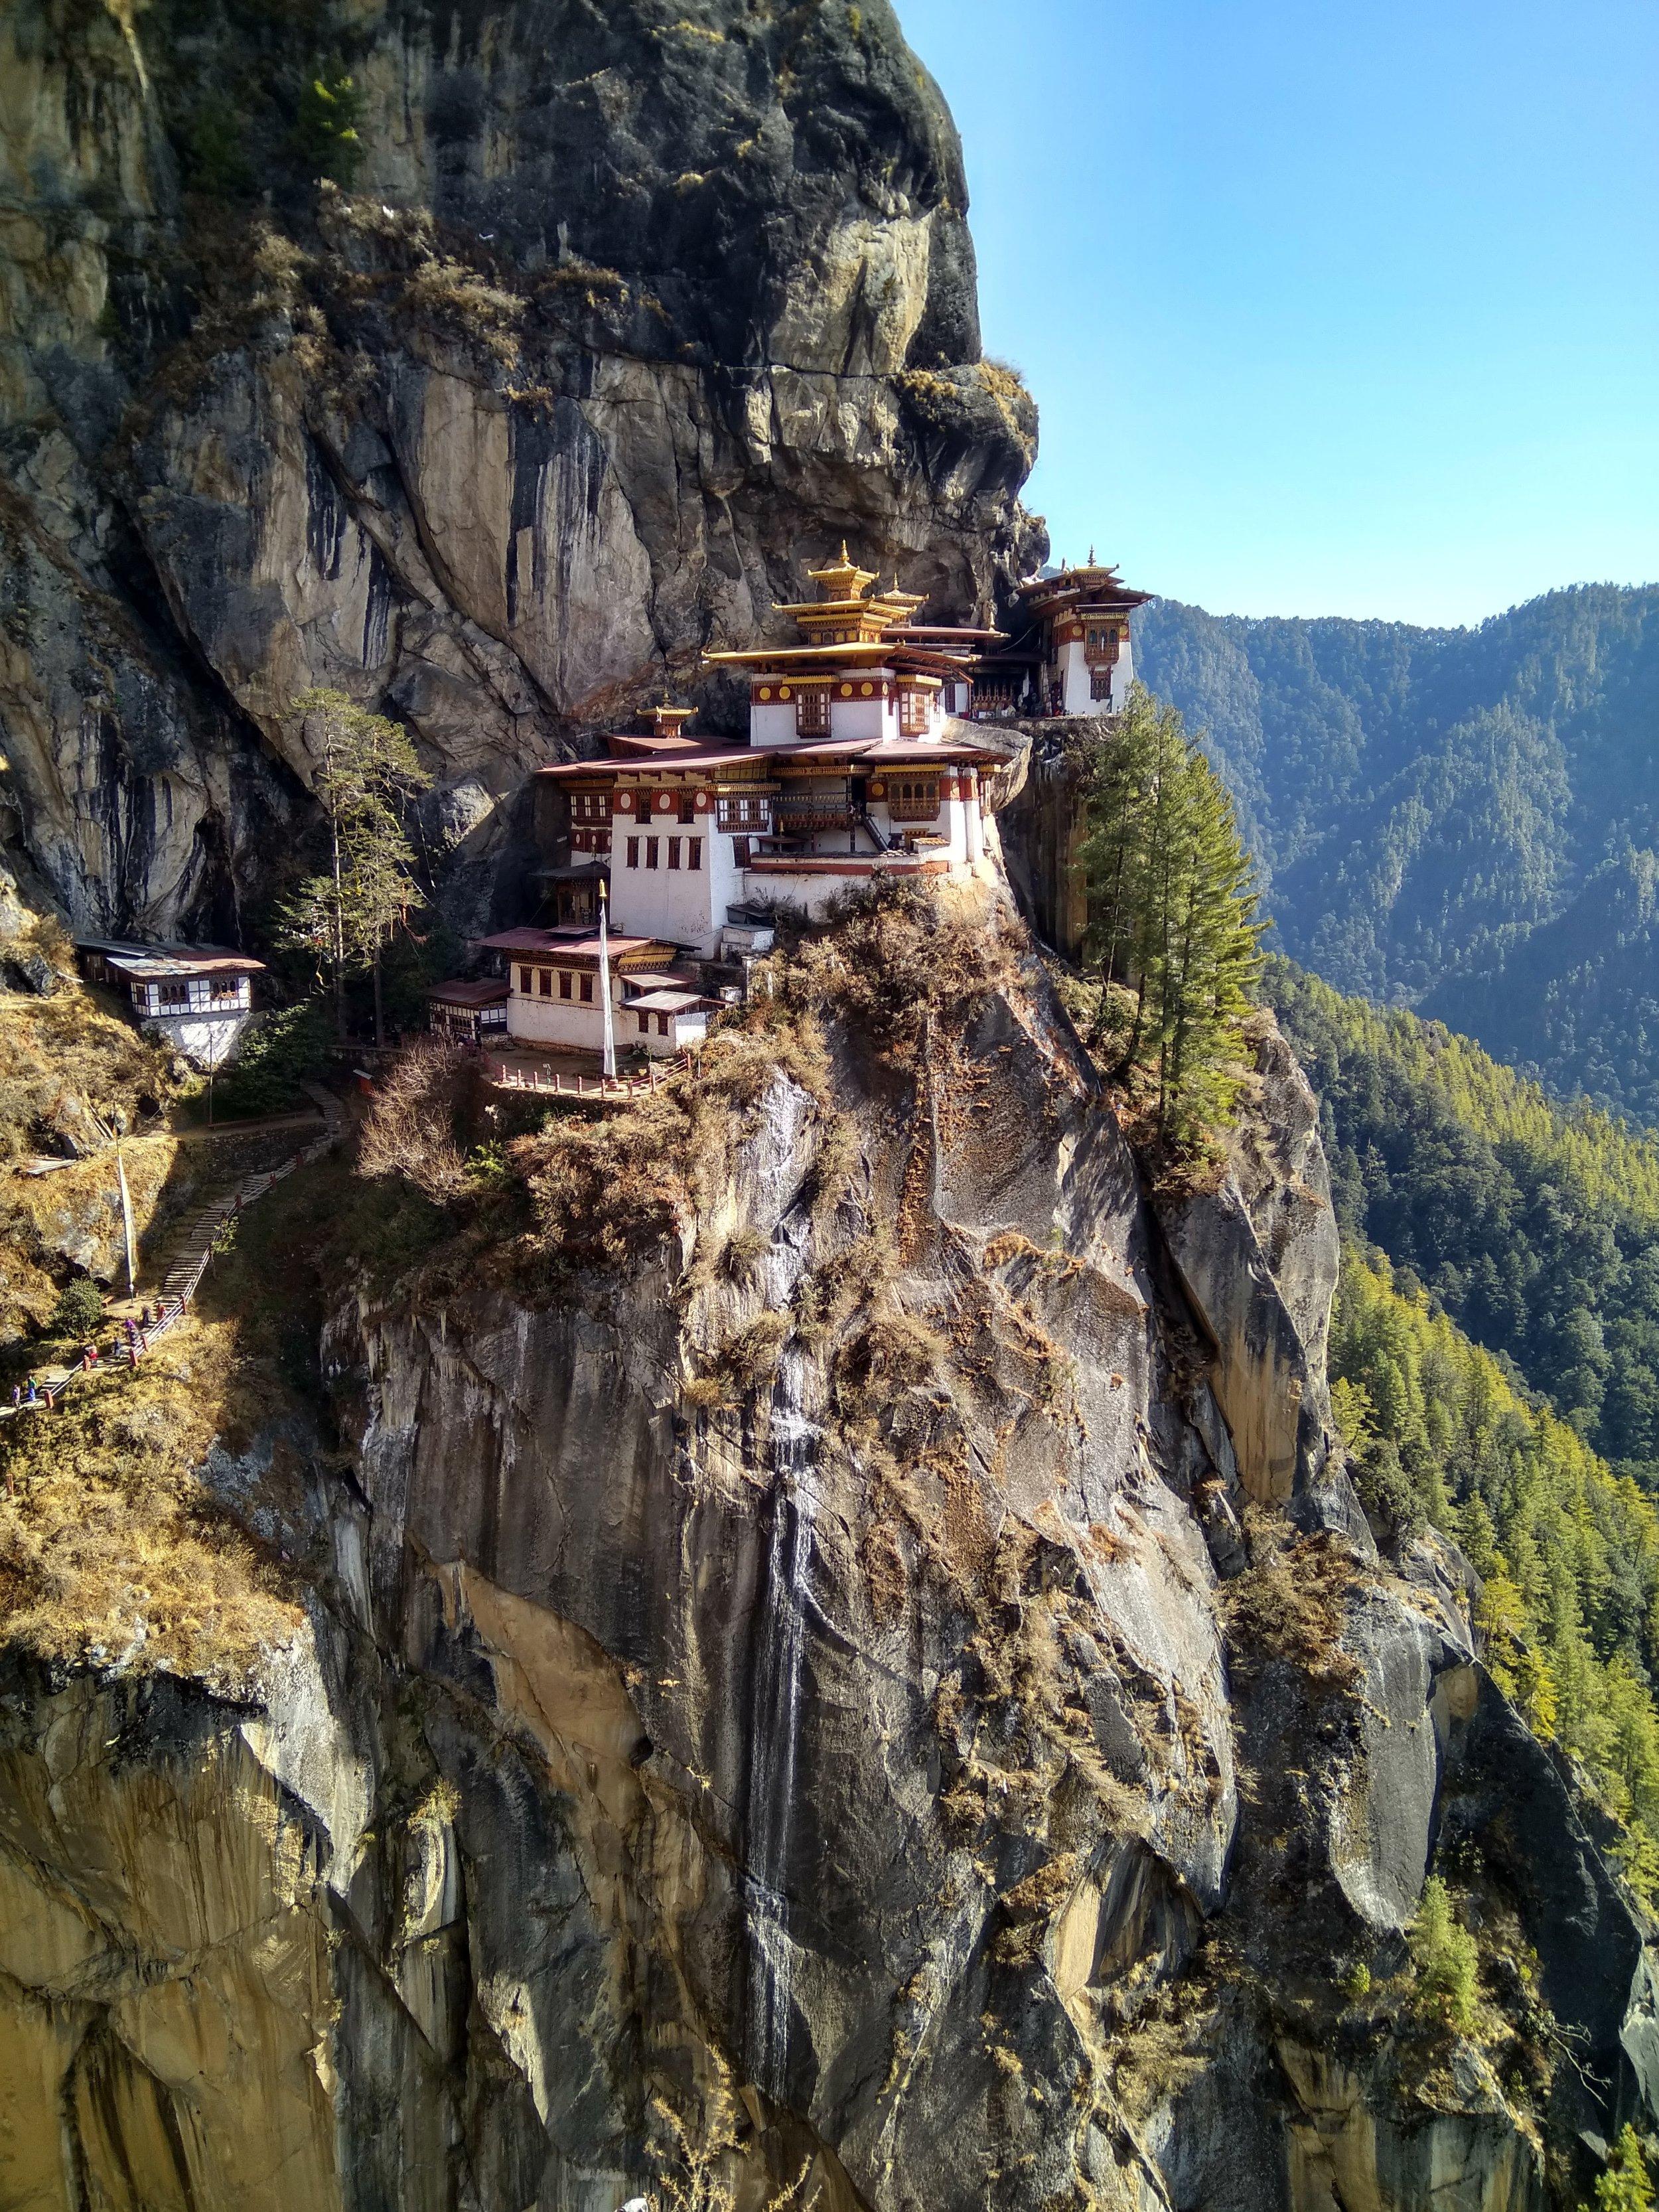 Taktsang Monastery or Tiger's Nest